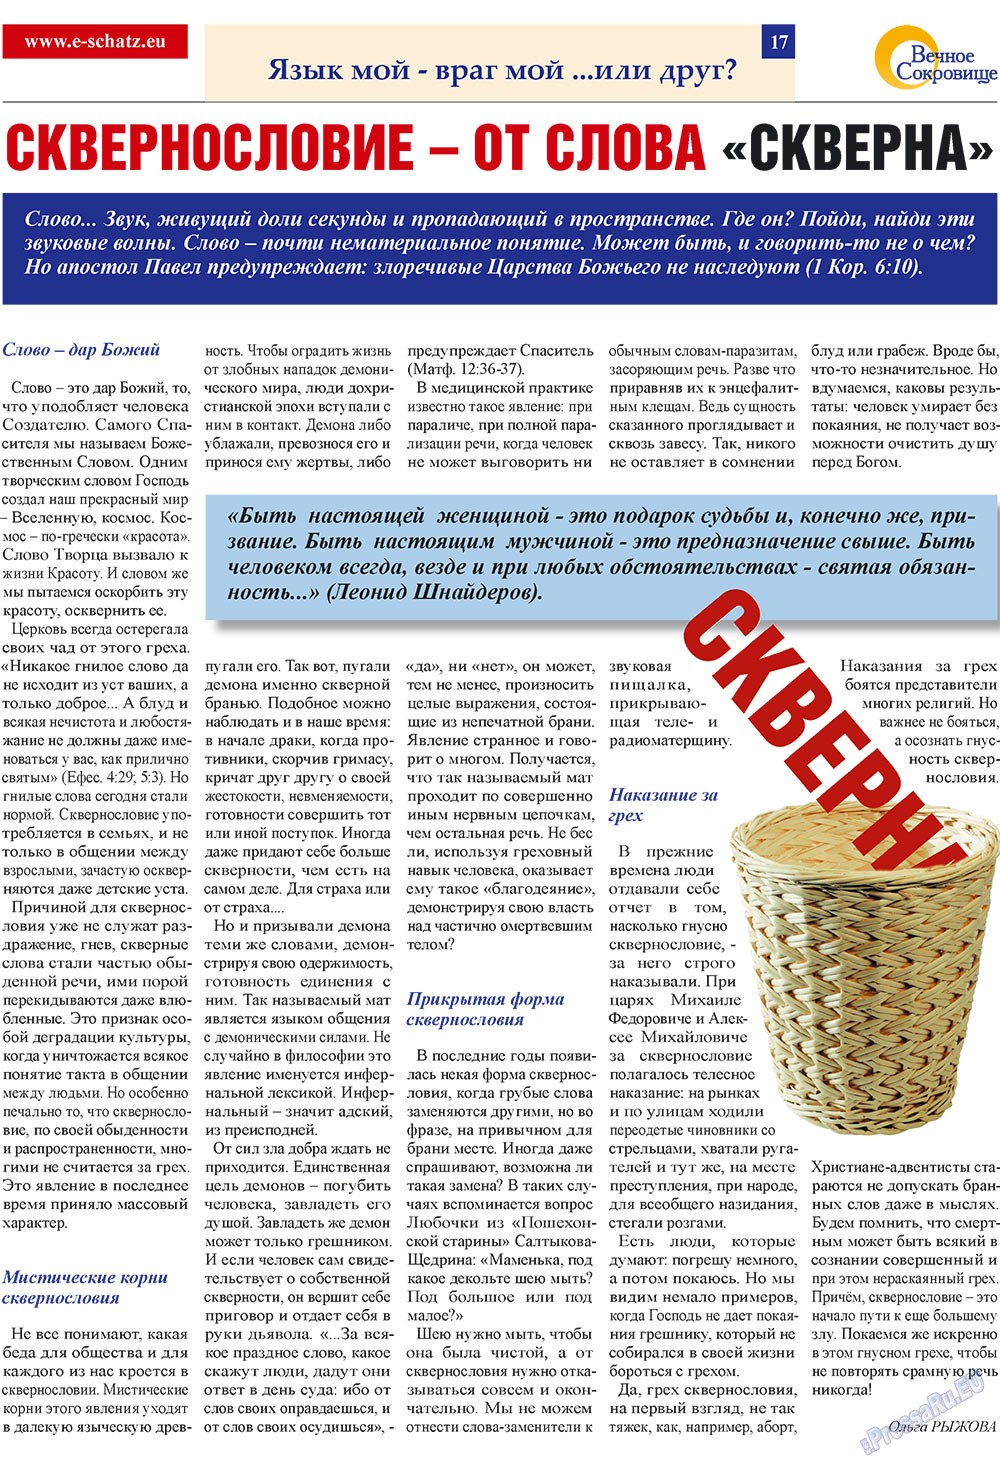 Вечное сокровище (газета). 2009 год, номер 1, стр. 17